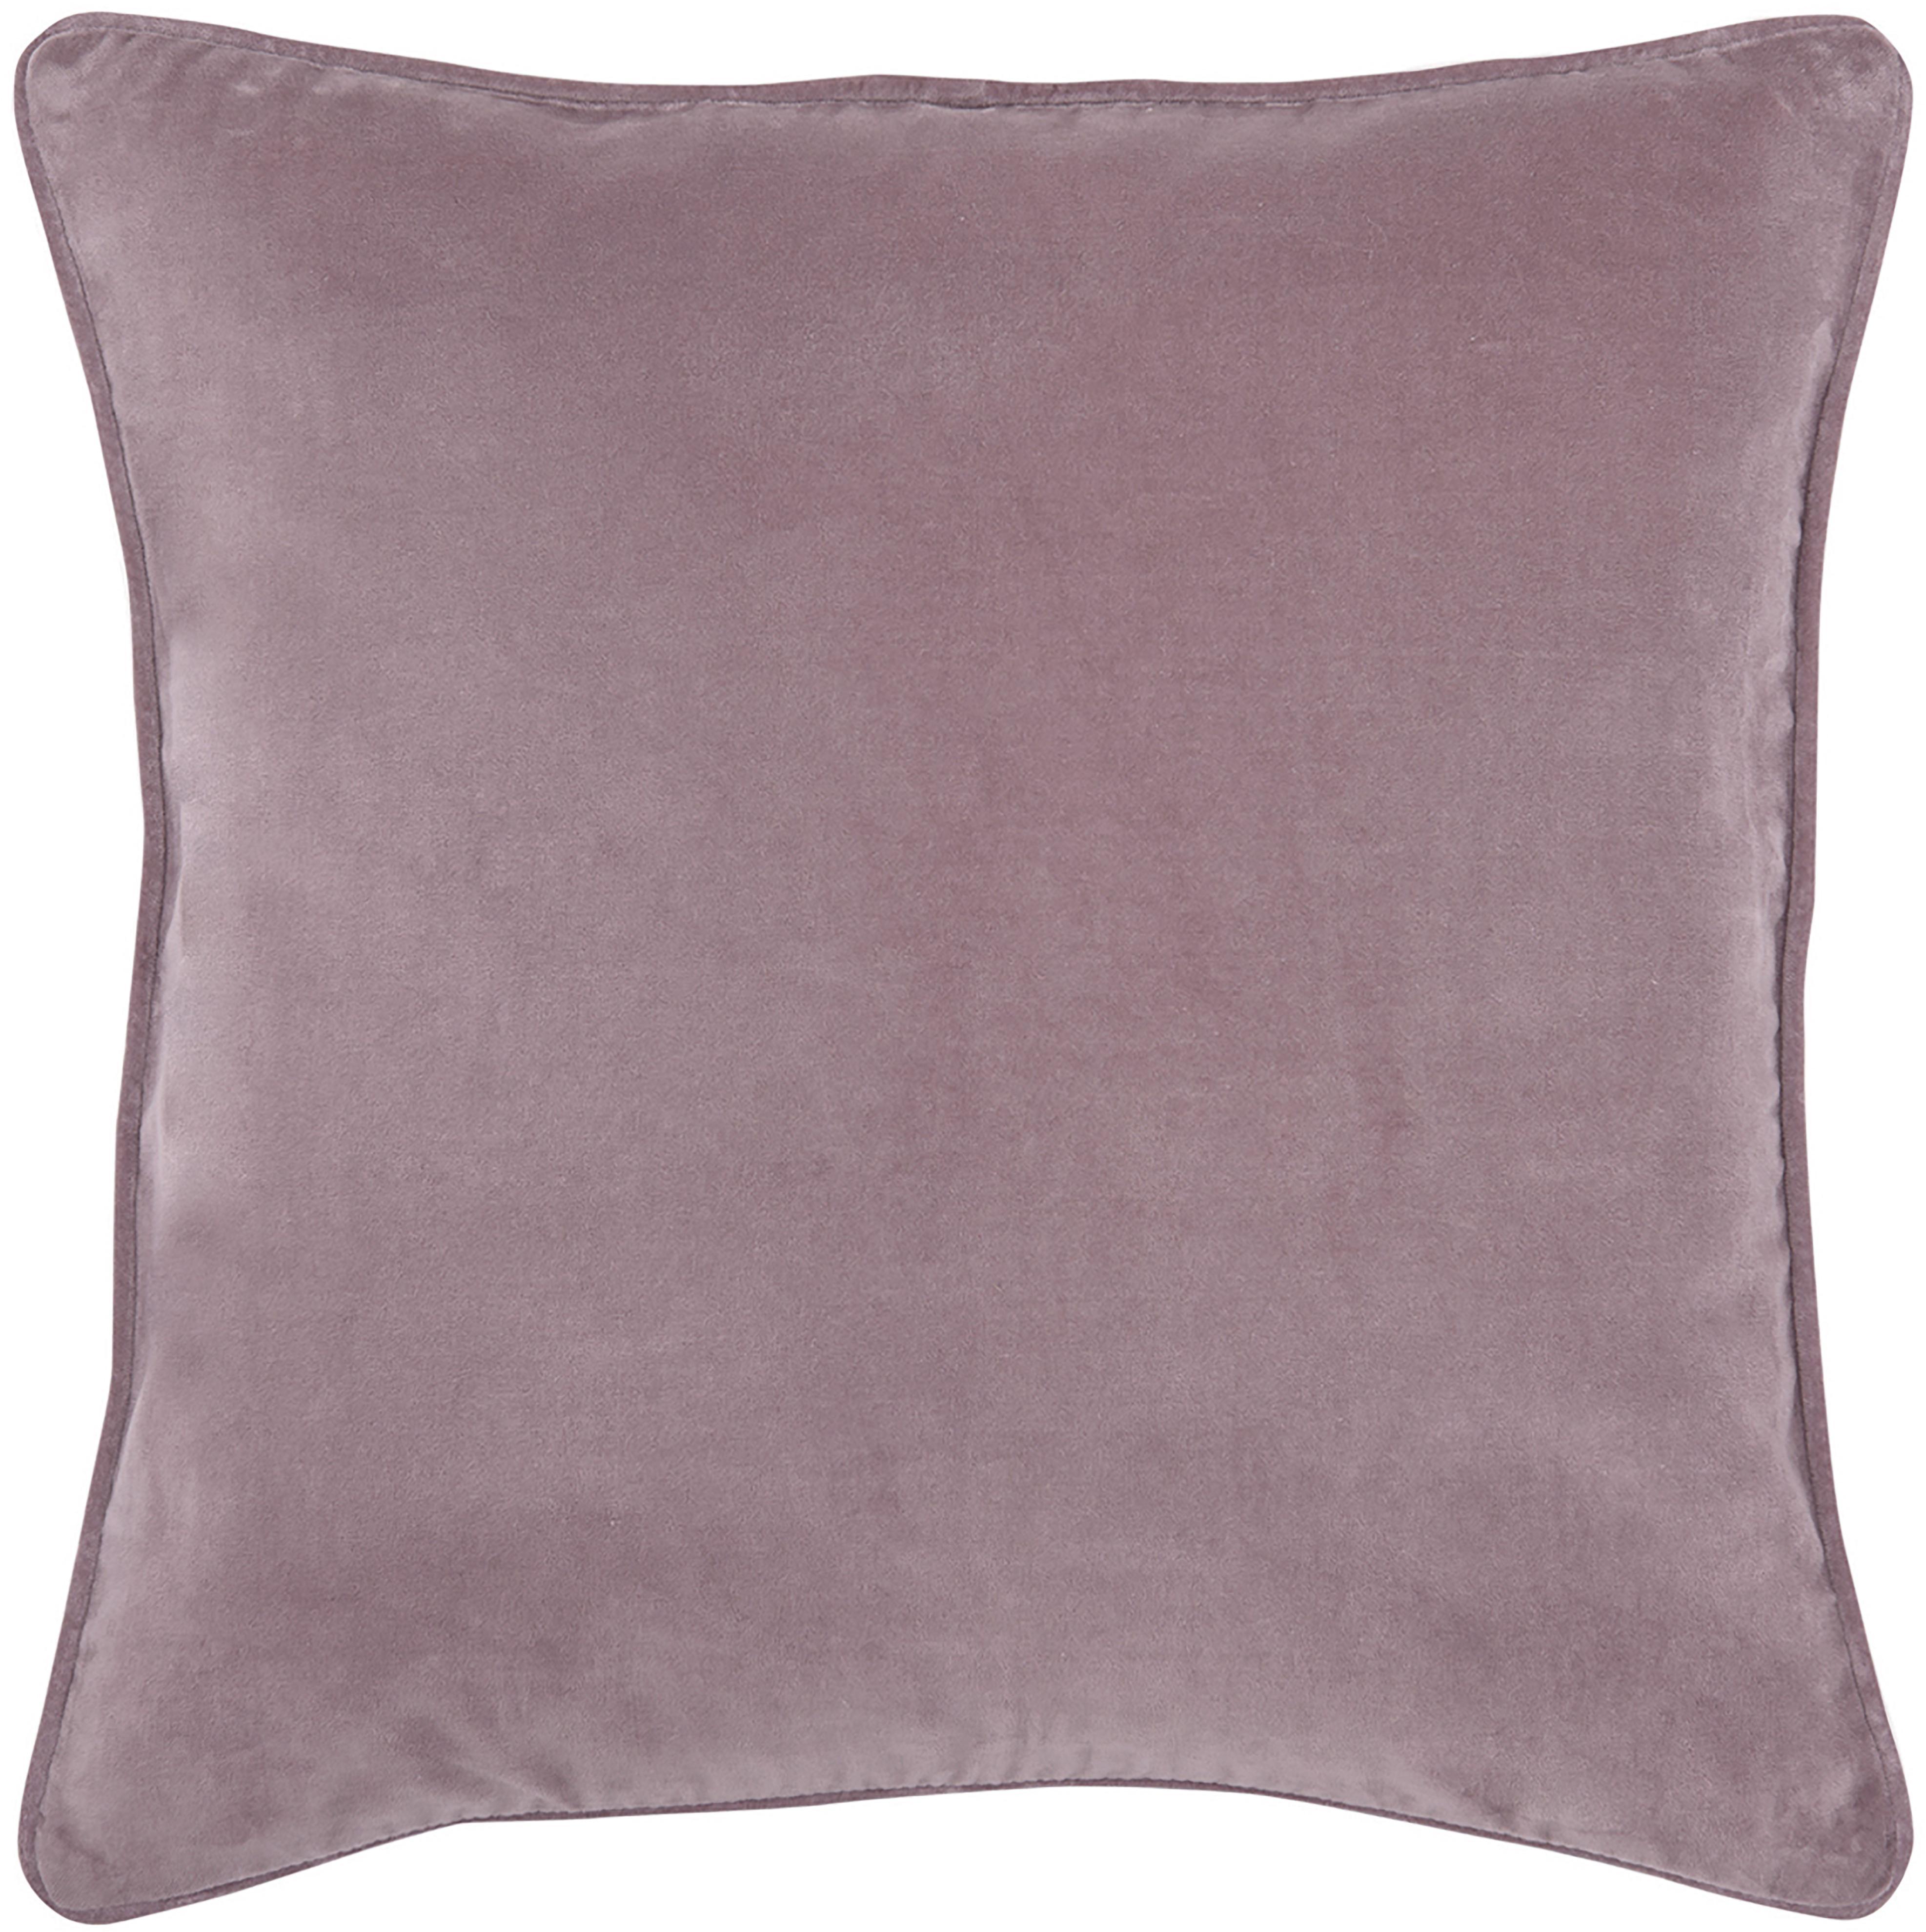 Federa arredo in velluto rosa cipria Dana, 100% velluto di cotone, Rosa cipria, Larg. 40 x Lung. 40 cm